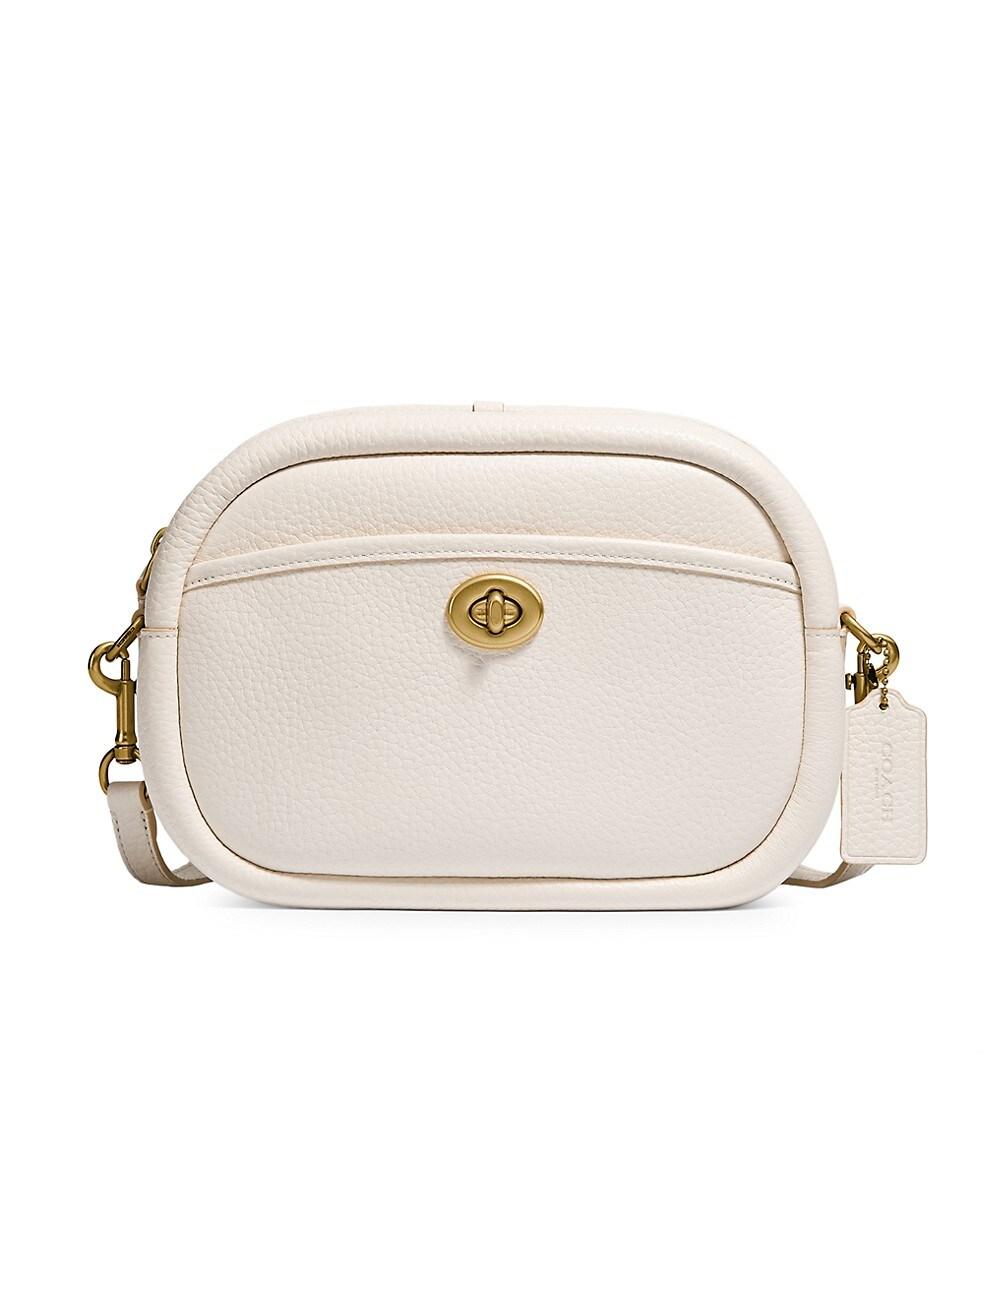 코치 카메라백 COACH Pebbled Leather Camera Bag,WHITE